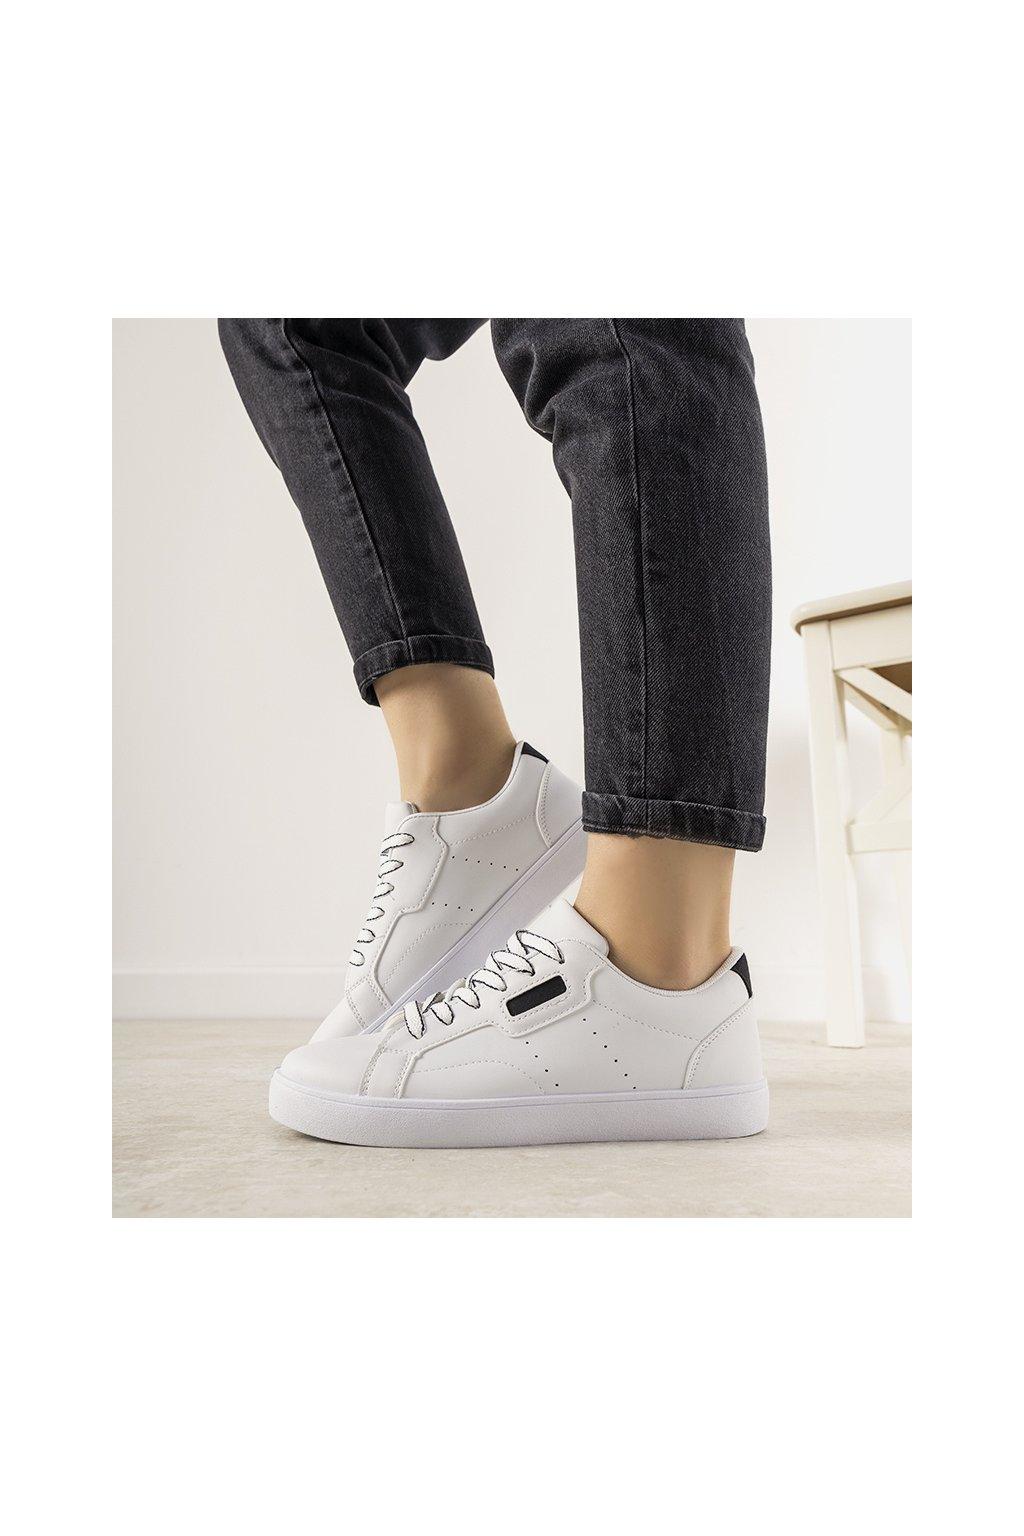 Dámske topánky tenisky biele kód CZ-788 - GM